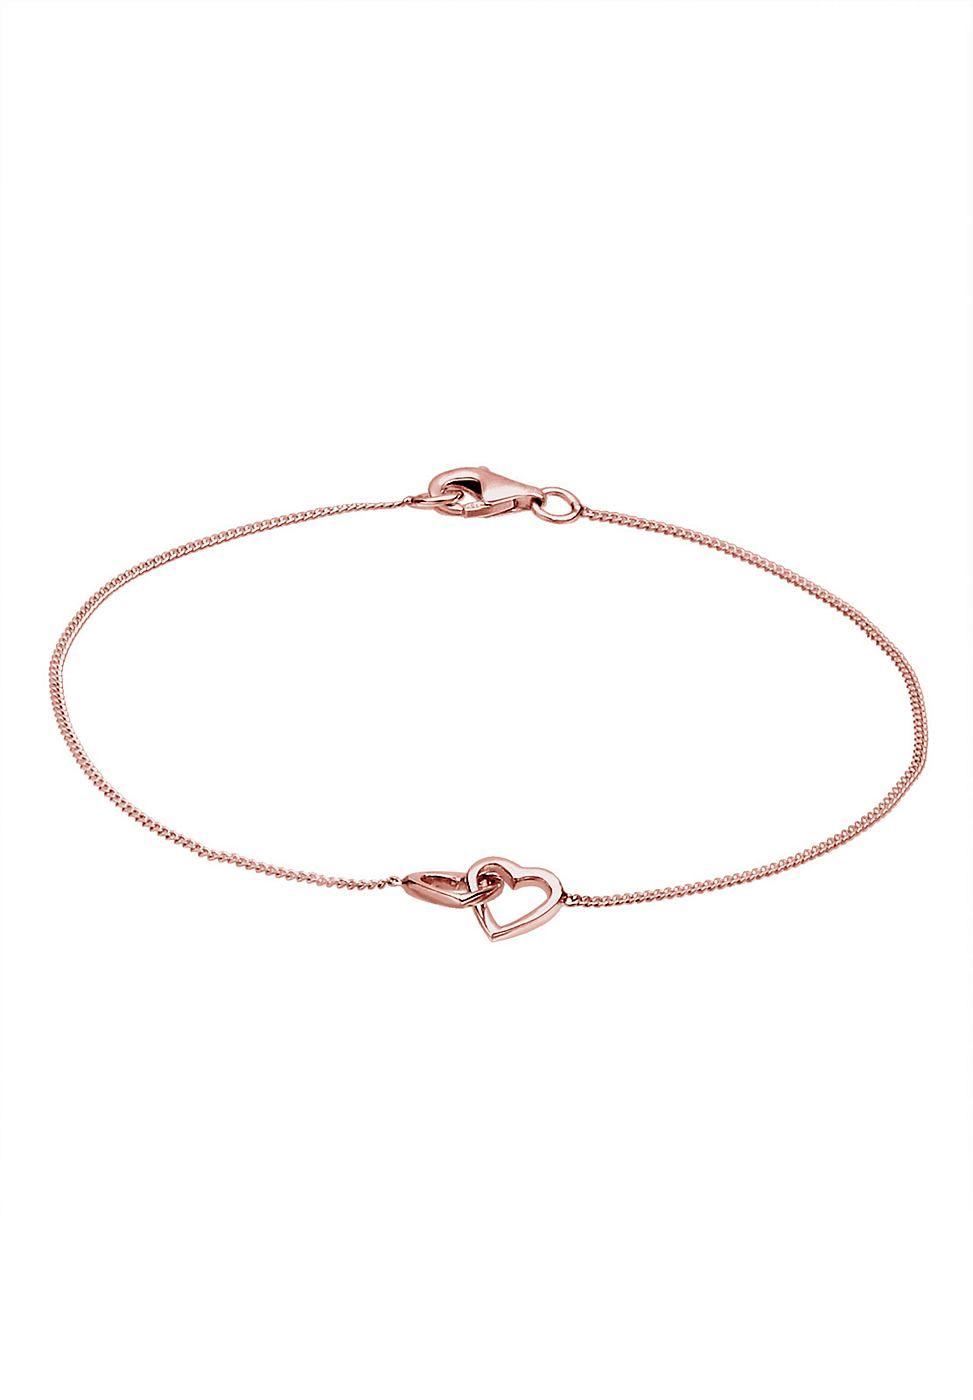 Elli Armband Herz Silber Textilband Pinterest Liebesbeweis